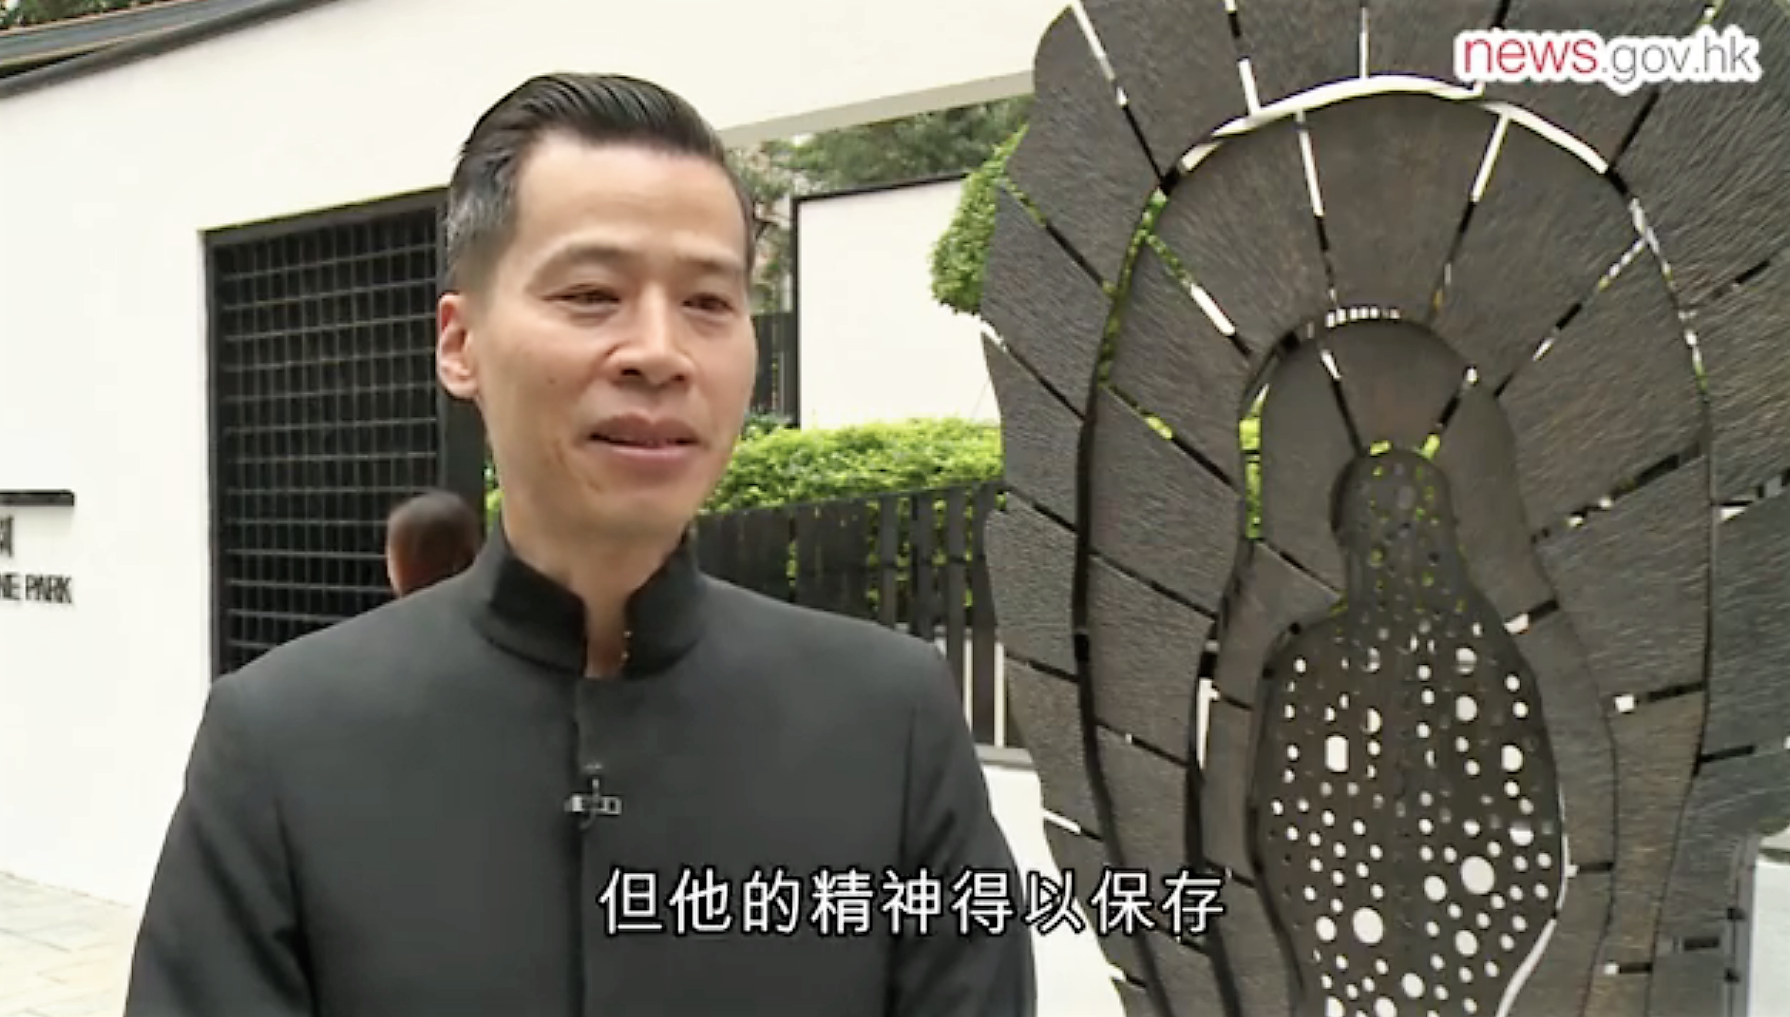 April/26/2018  HK Information Services Department  Dr. Sun Yat-sen Historical Trail Opens